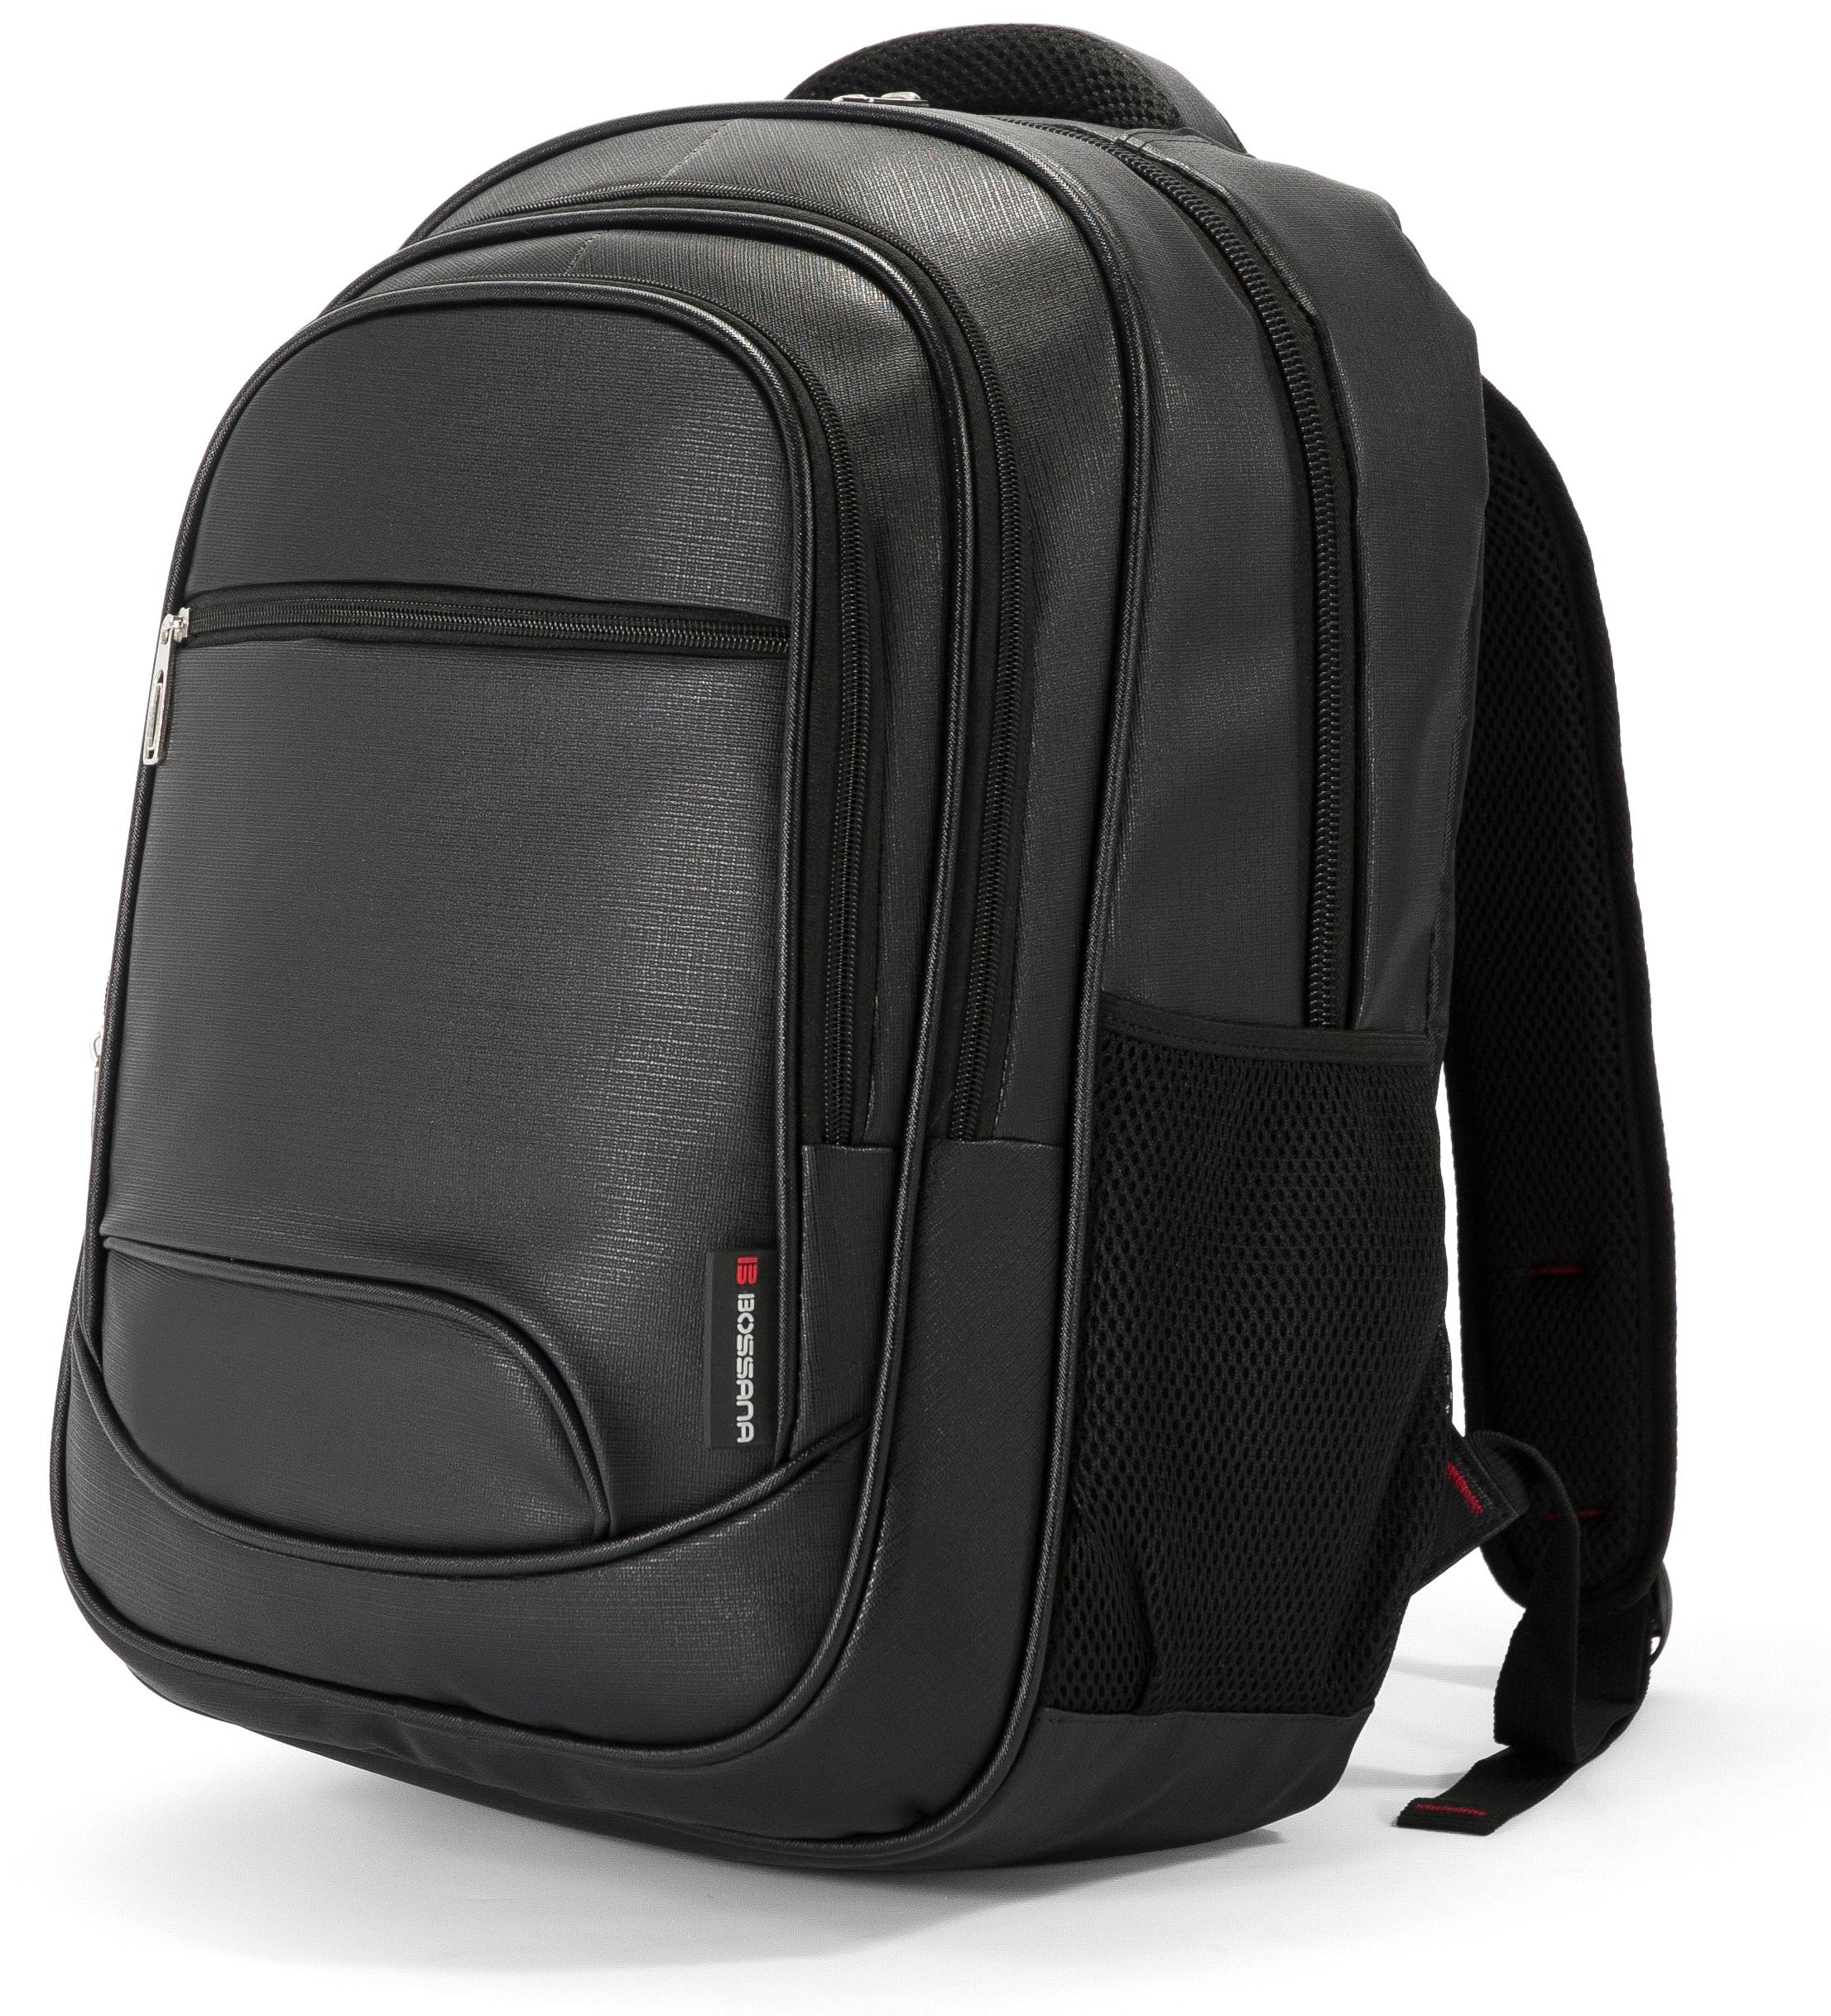 Σακίδιο για Laptop 17.1 inch Benzi BOS1354 Μαύρο